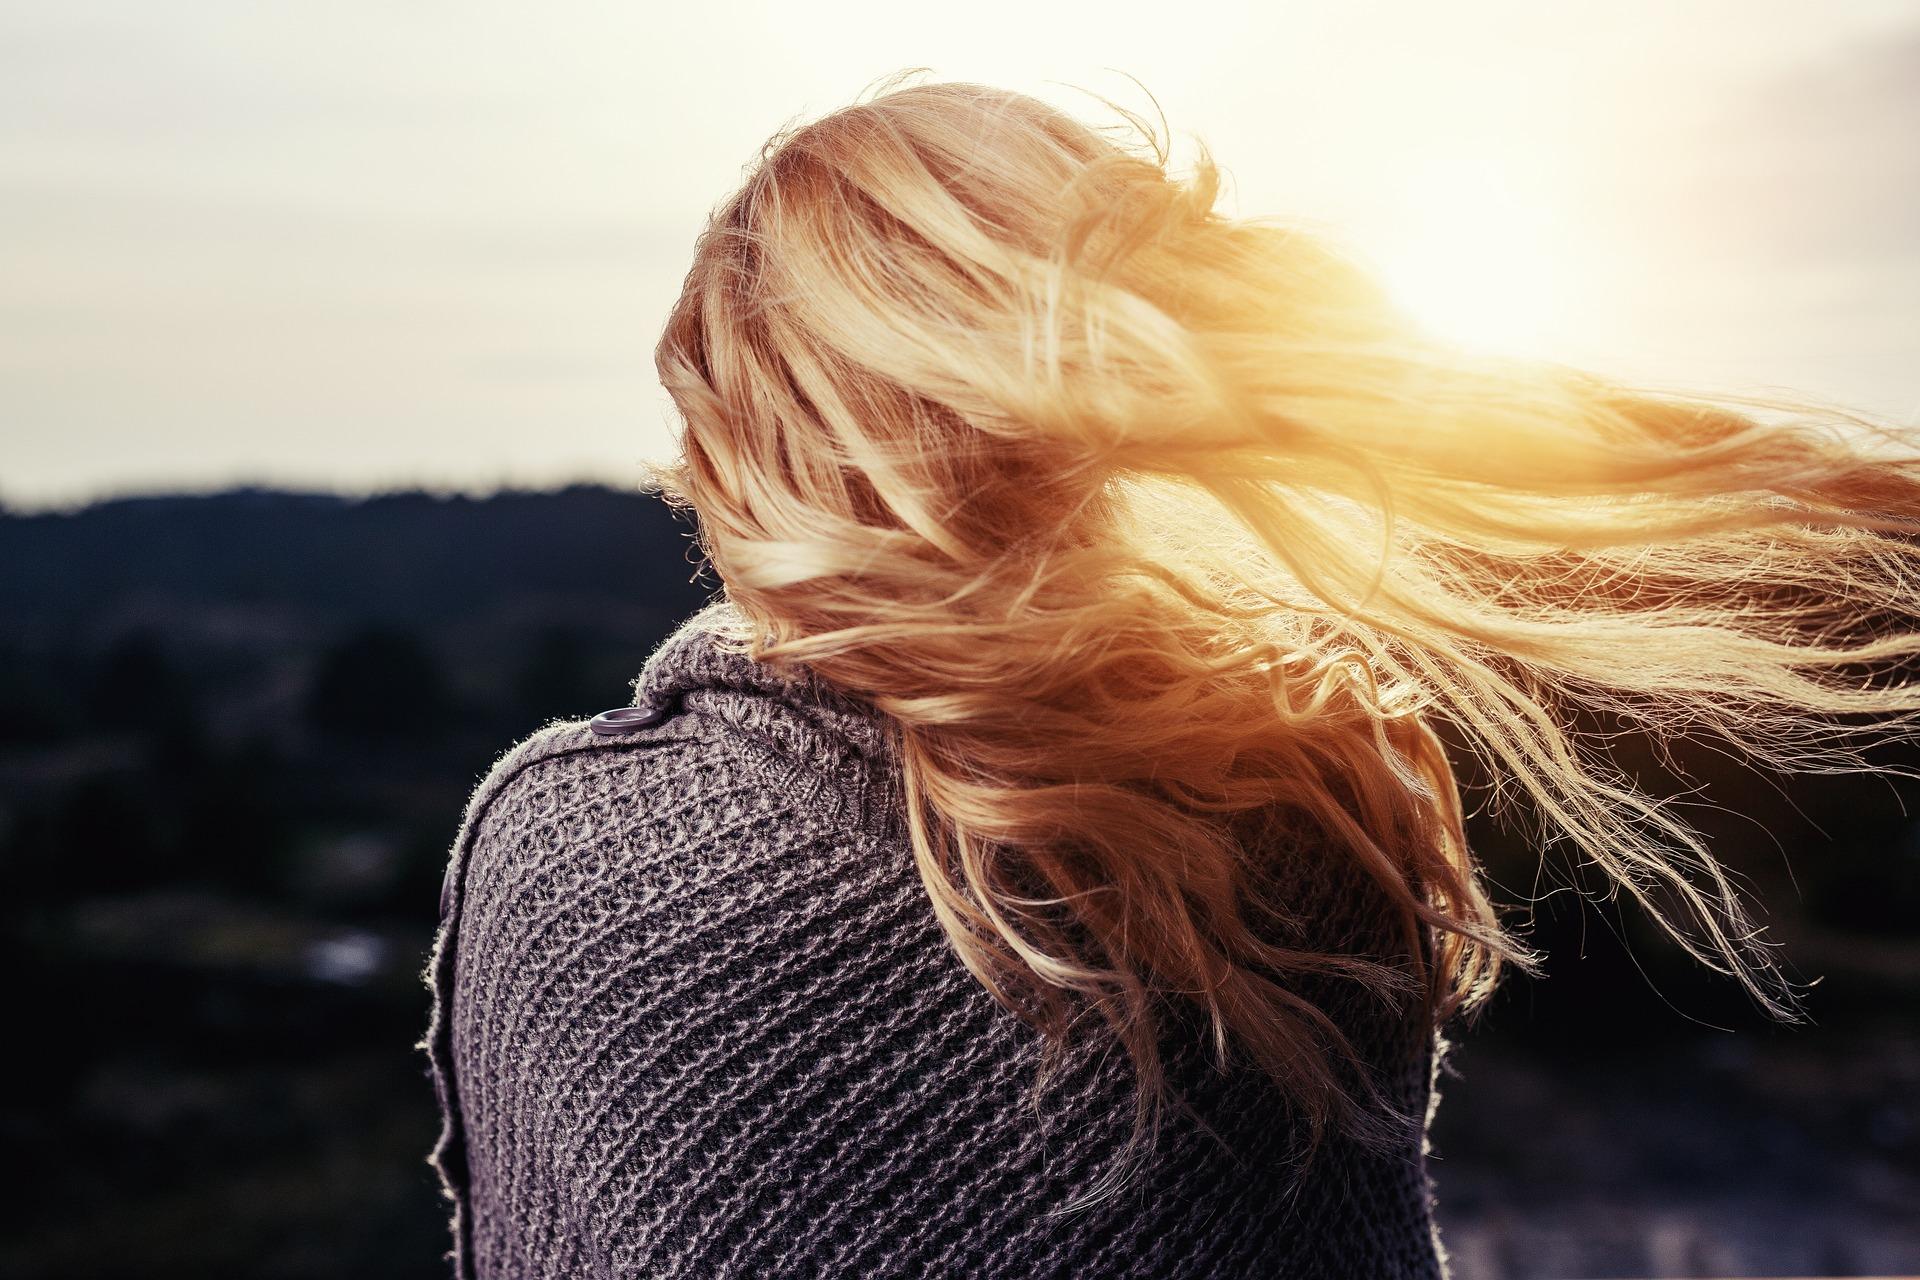 כמו בפרסומות: כך תשמרו על השיער שלכן בריא וזוהר